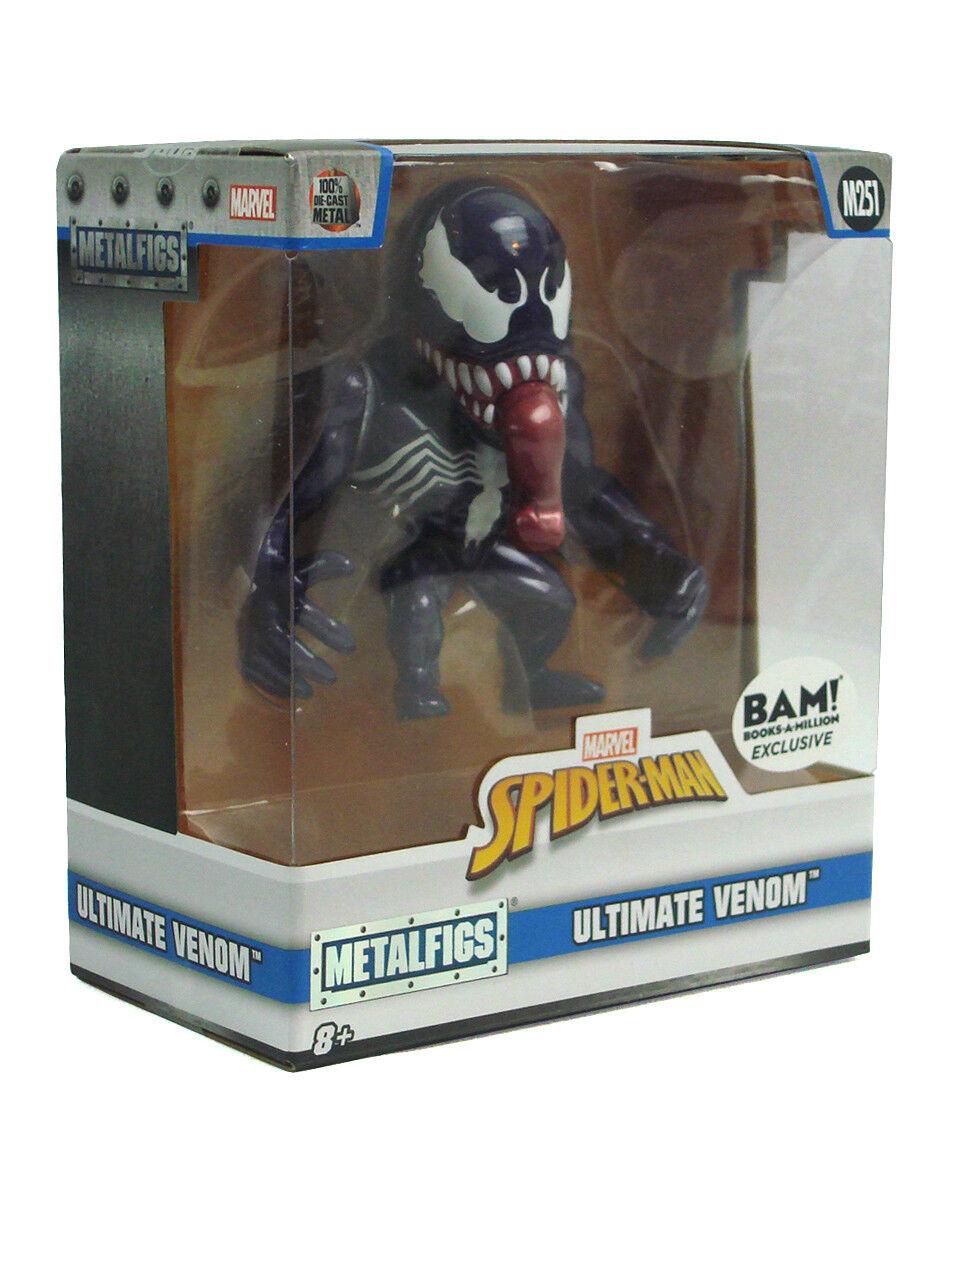 # 99236 Books-A-Million Exclusive M251 Jada Metalfigs Utlimate Venom